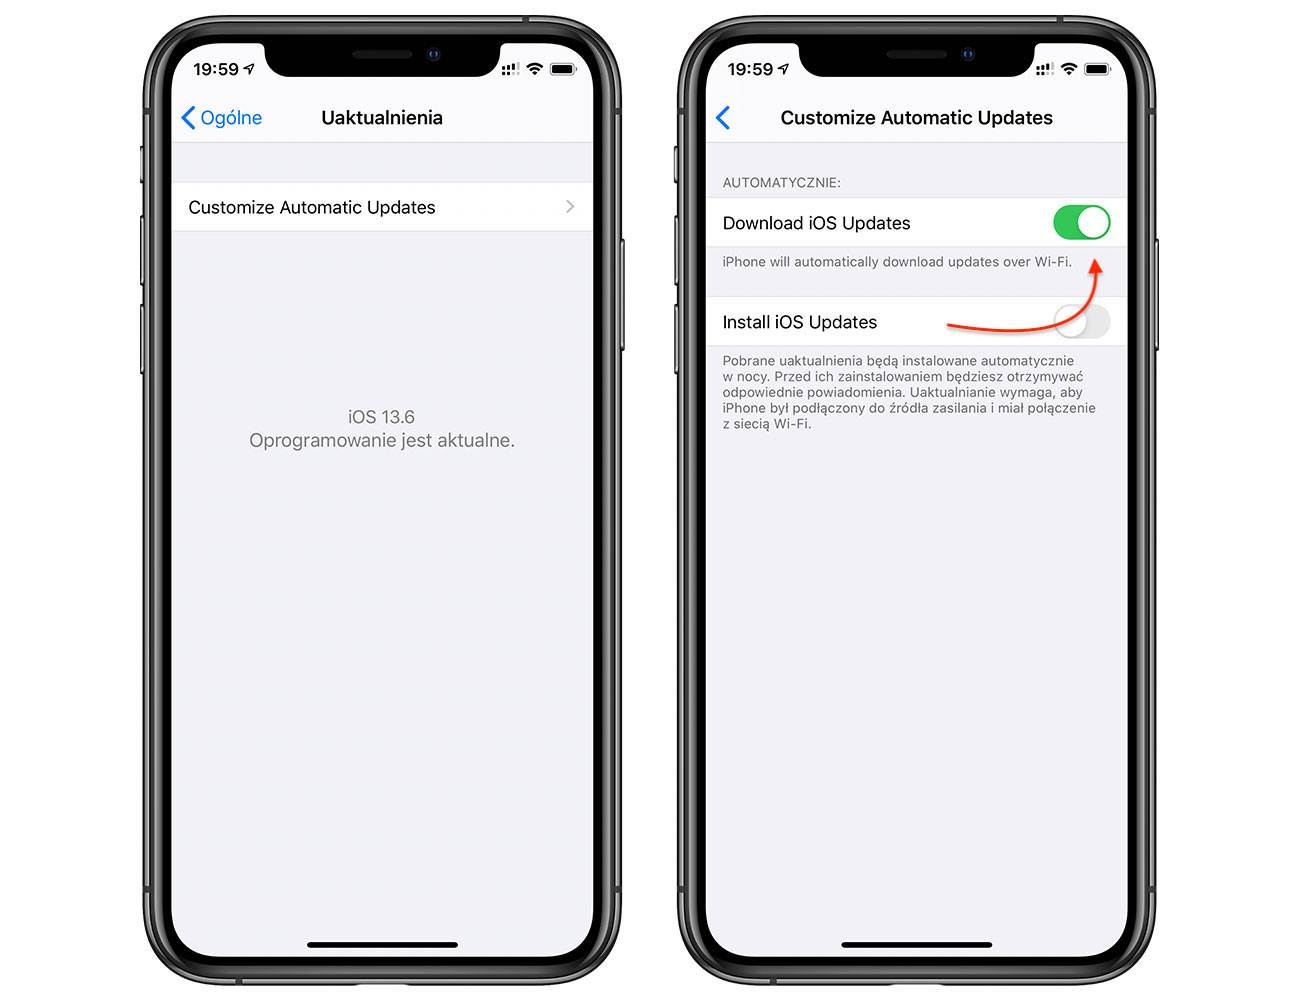 iOS 13.6 pozwala wyłączyć automatyczne pobieranie aktualizacji systemu polecane, ciekawostki wyłączenie automatycznego pobierania aktualizacji, jak wyłaczyć, iPhone, iPad, iOS 13.6, automatyczne pobieranie aktualizacji  W iOS 13.6 beta 2 pojawiła się długo wyczekiwana innowacja - przełącznik, który wyłącza automatyczne pobieranie aktualizacji oprogramowania układowego. iOS13.6 aktualizacja